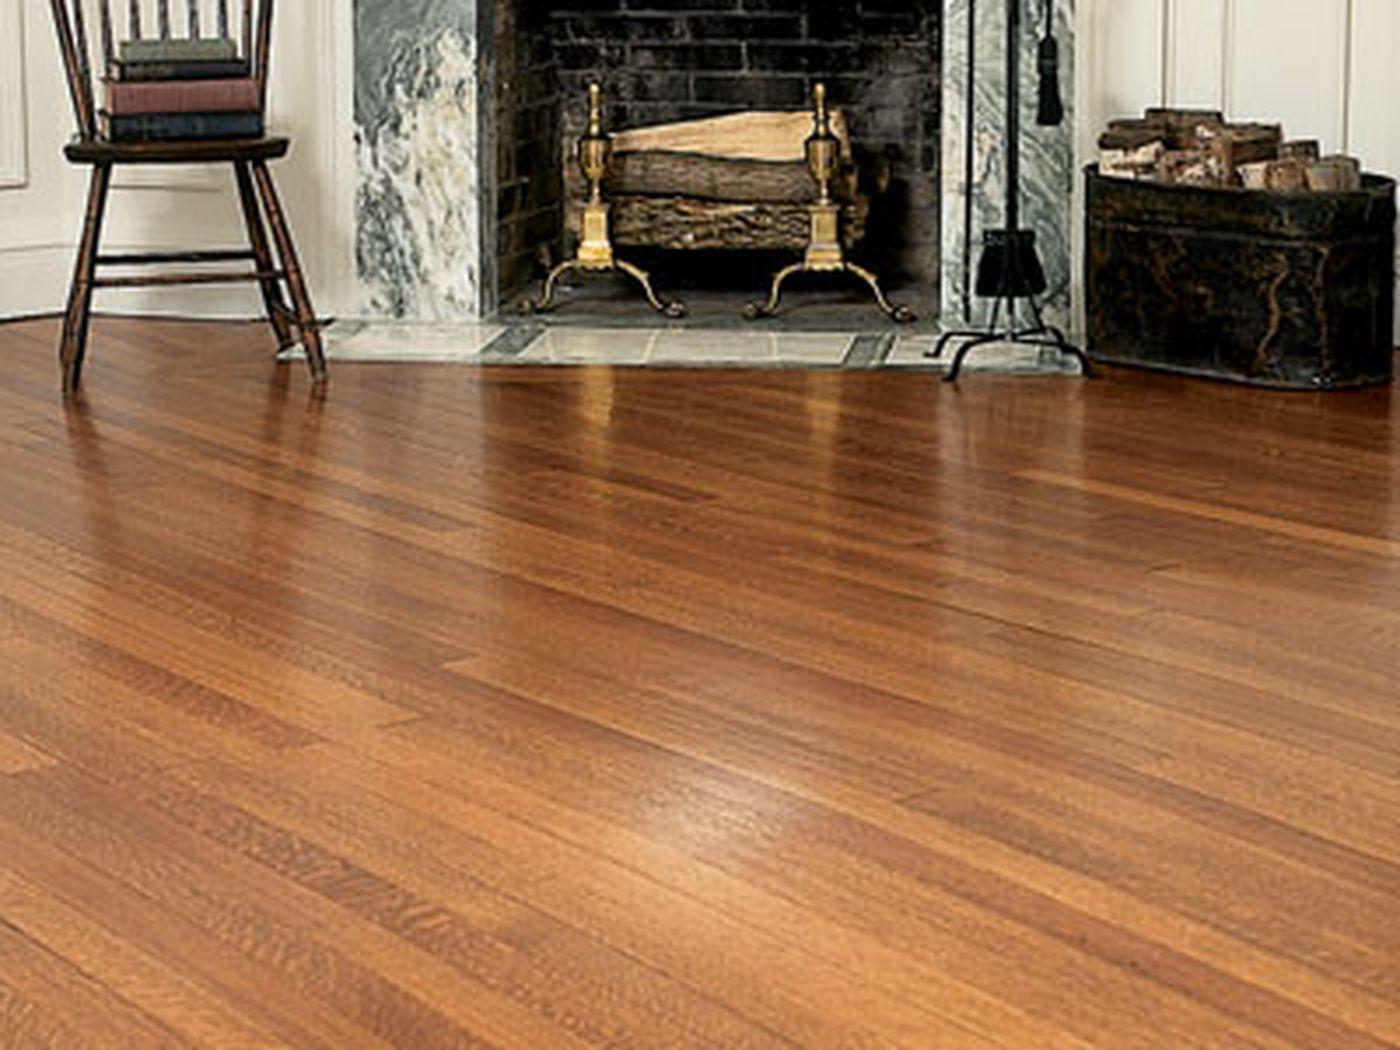 Hardwood Floor Finishing Screening